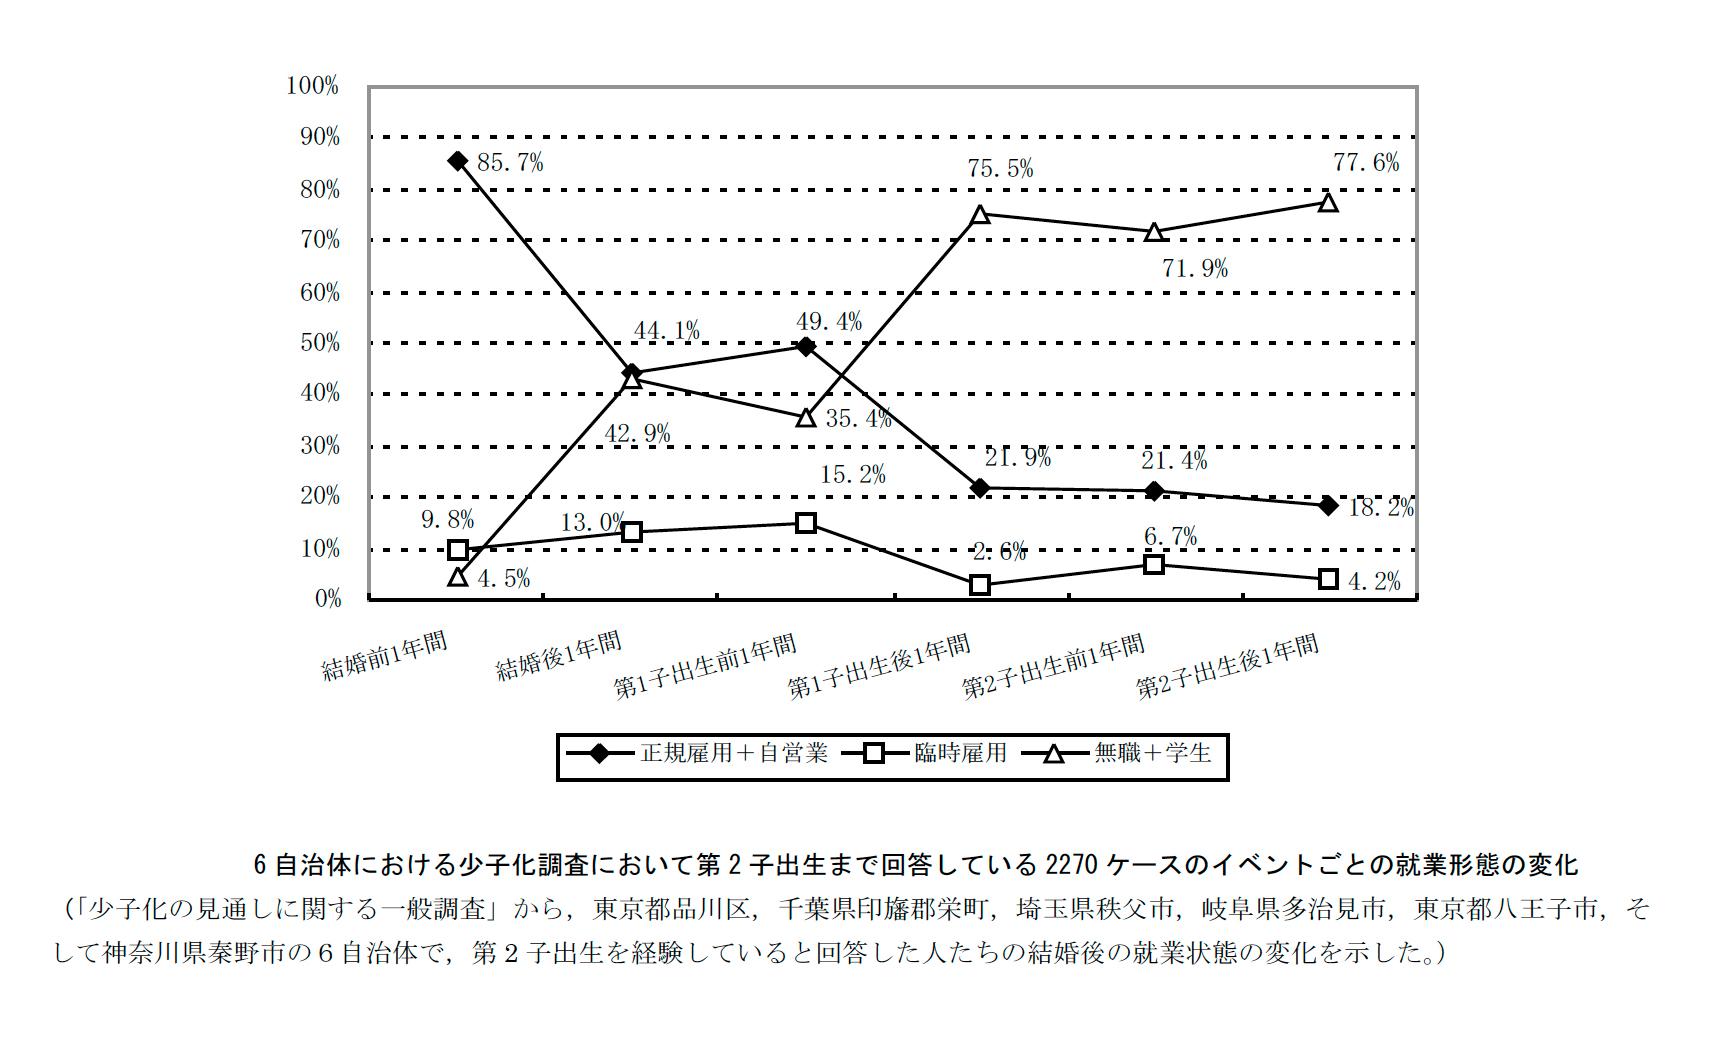 グラフ3 自治体における少子化調査において第2子出生まで回答している2270ケースのイベントごとの就業形態の変化